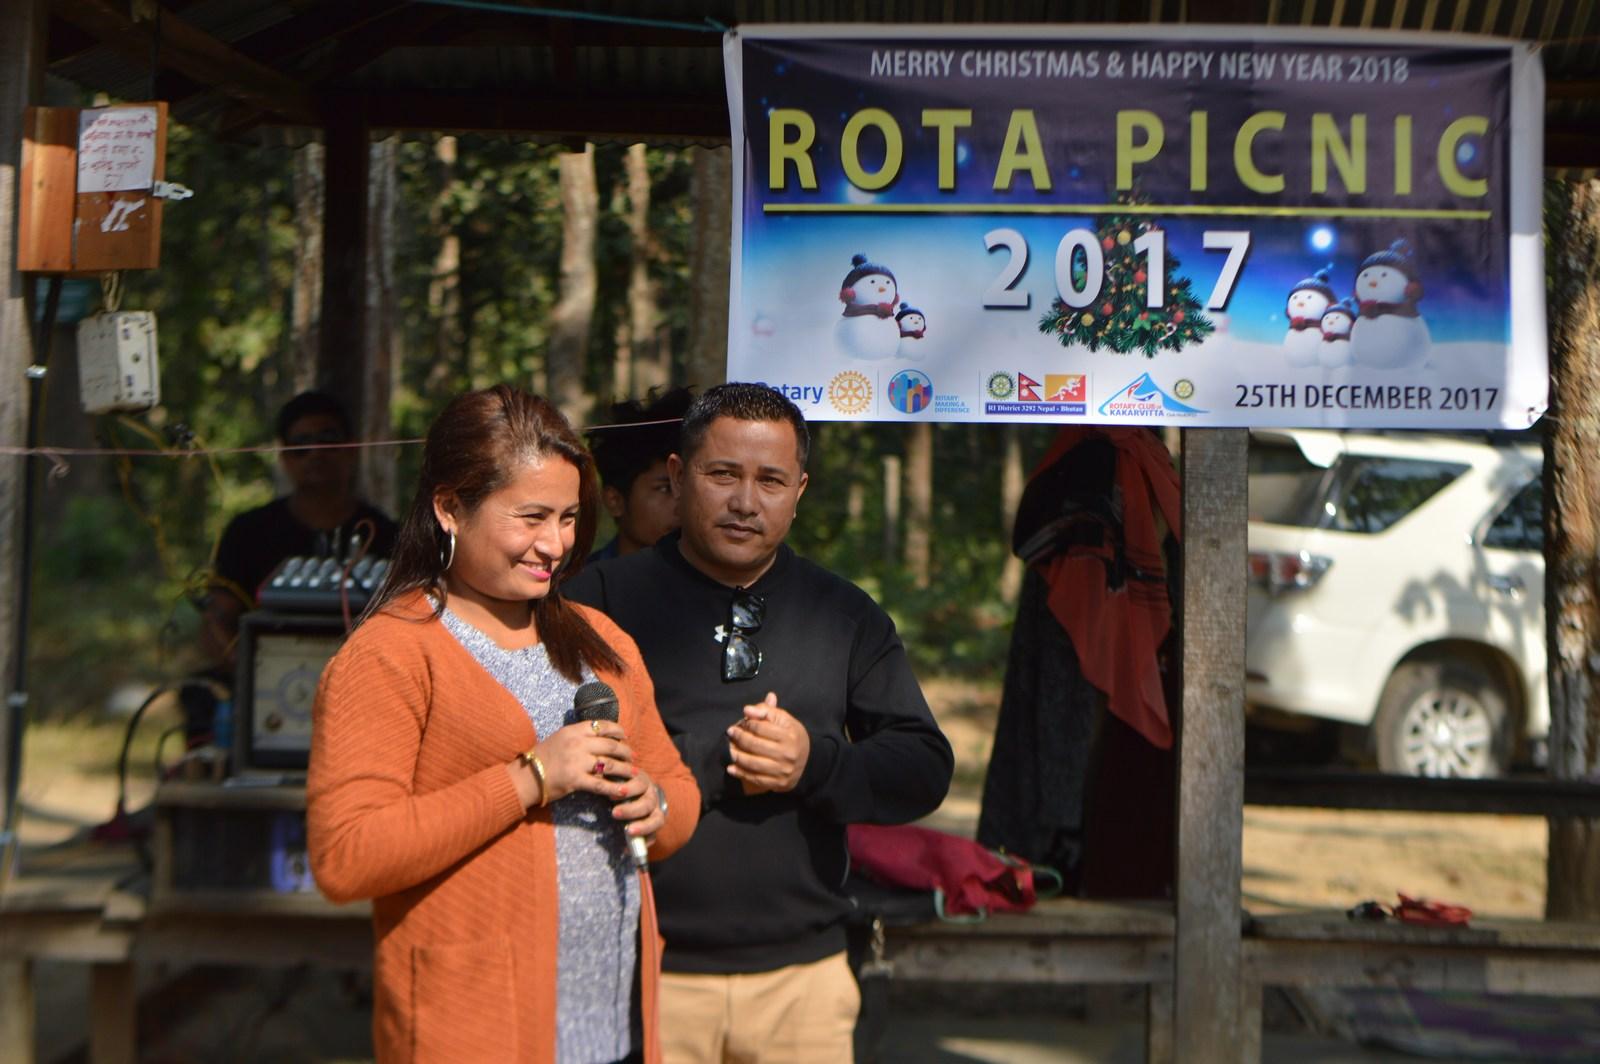 Rota-Picnic-2017-Rotary-Club-of-Kakarvitta-70